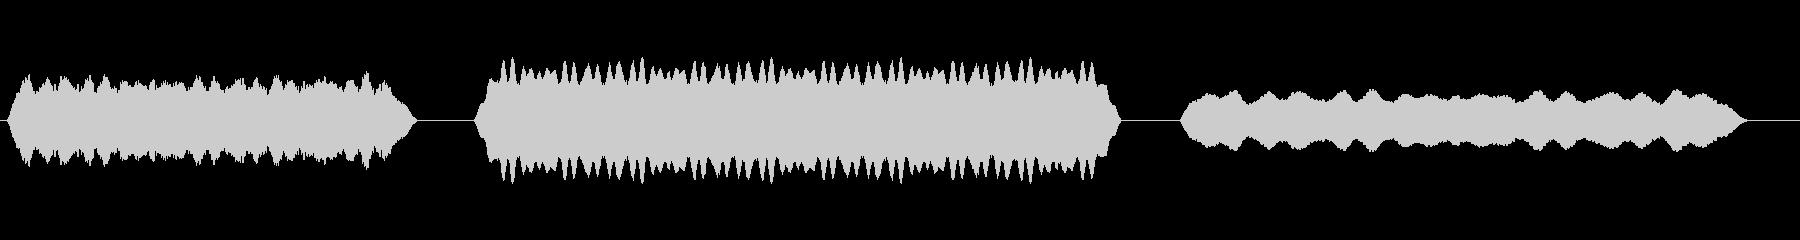 電気背景ハム(3バージョン)の未再生の波形